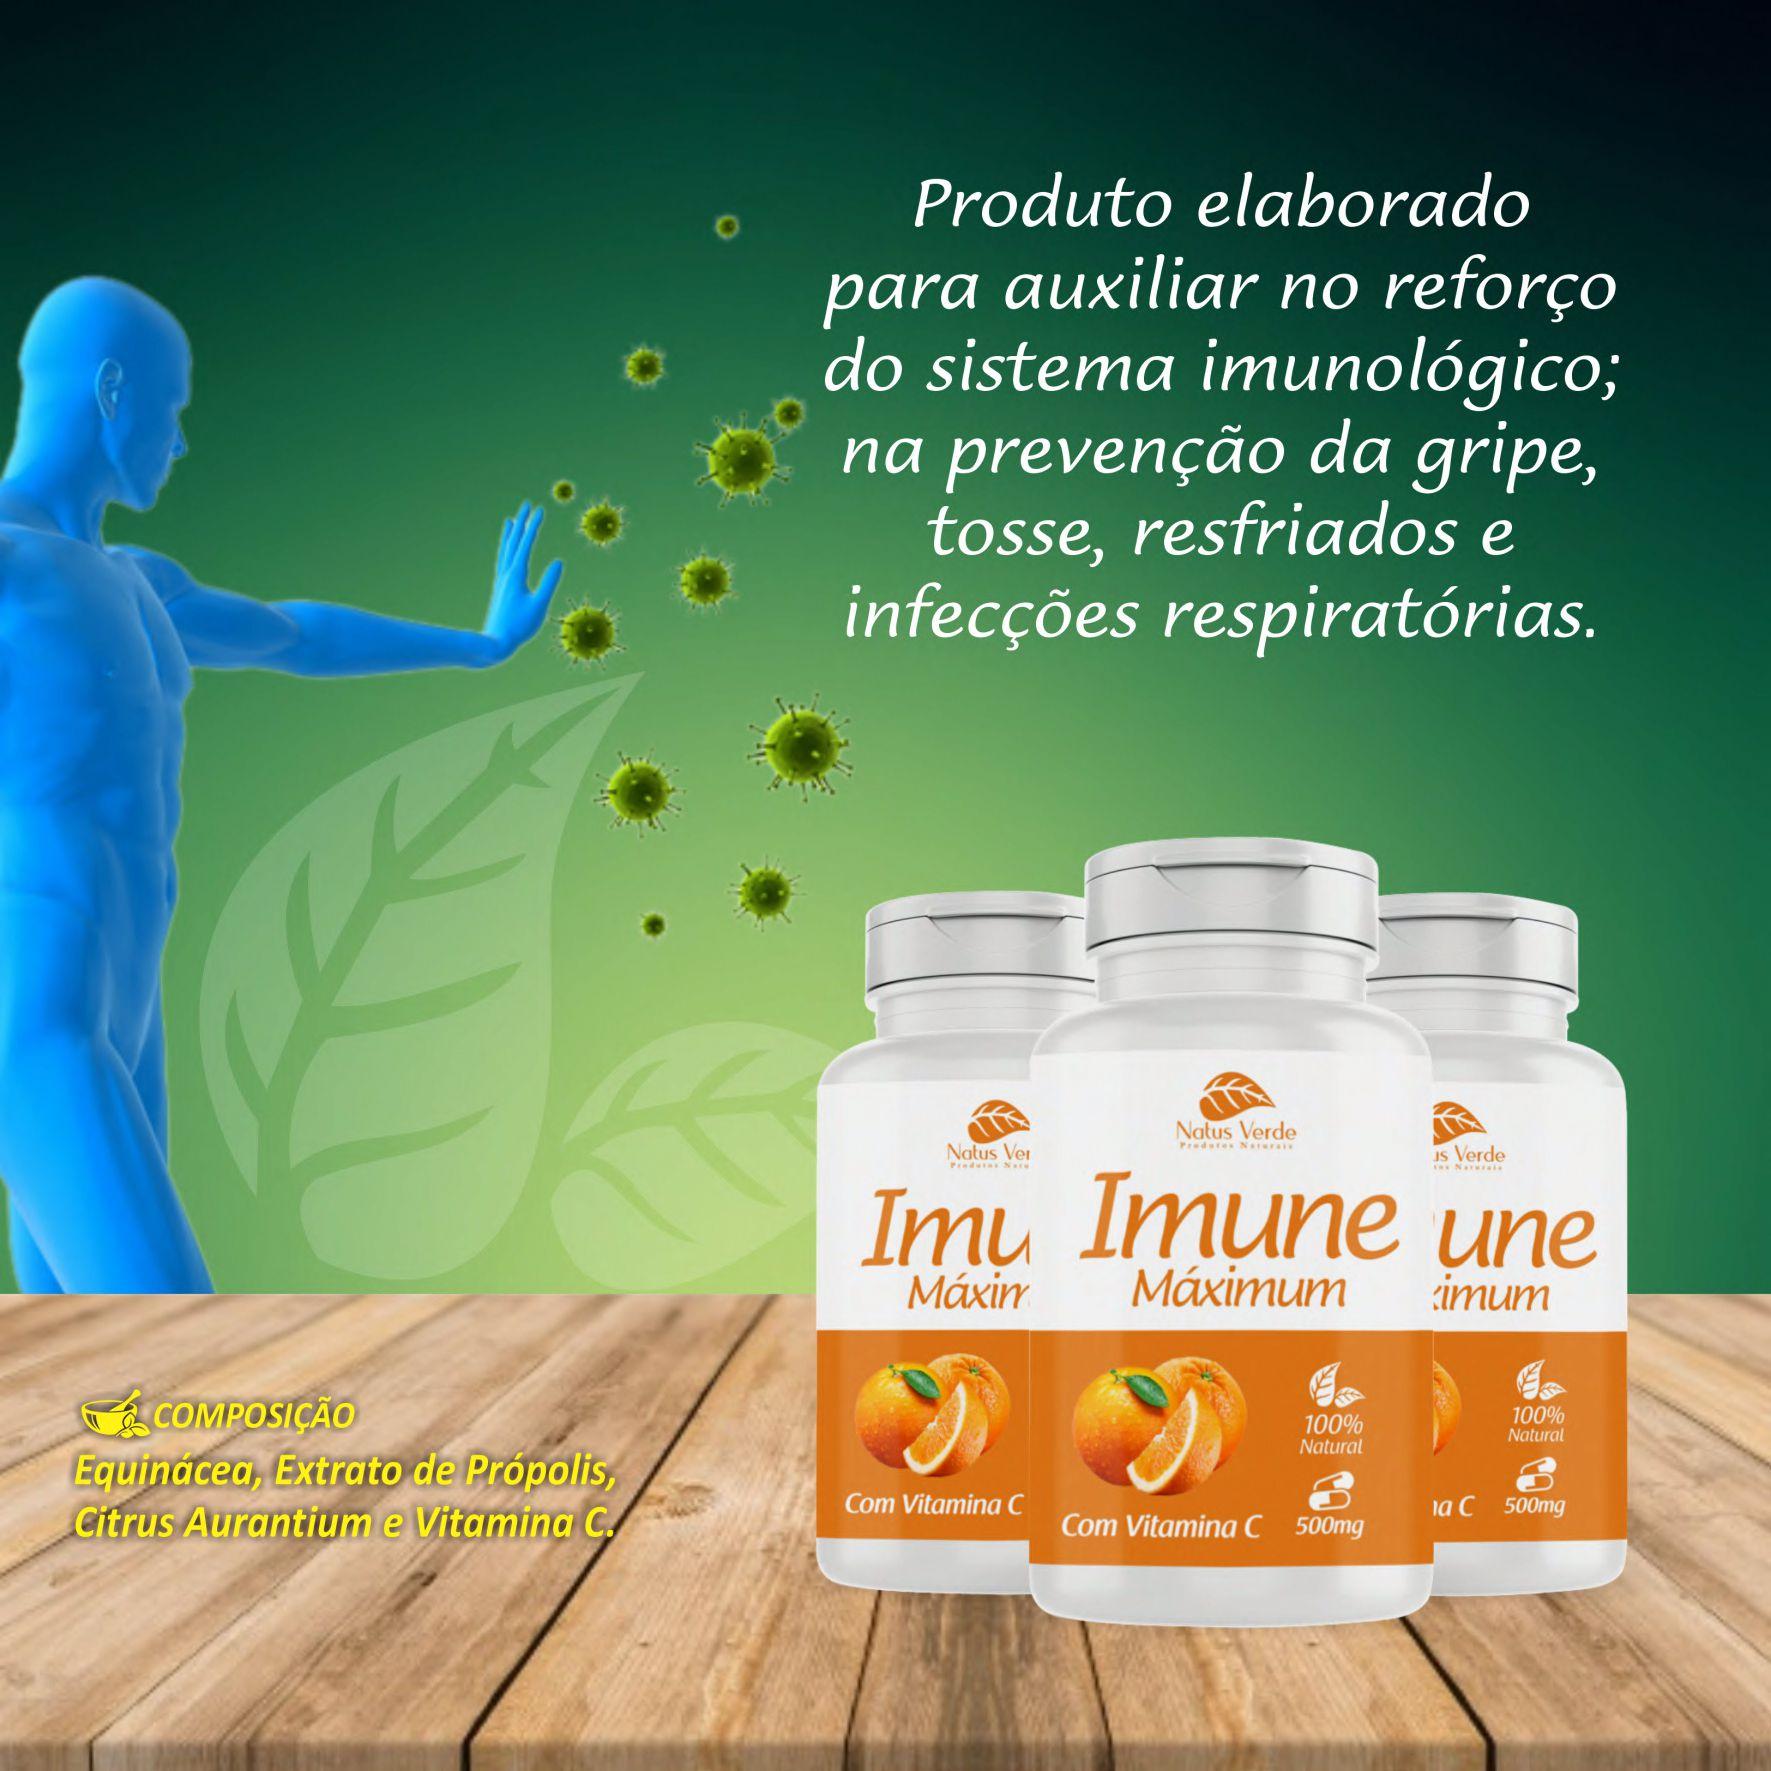 Composto Natural Imune Maximum com Vitamina-C 60 Caps Natus Verde  - Fribasex - Fabricasex.com